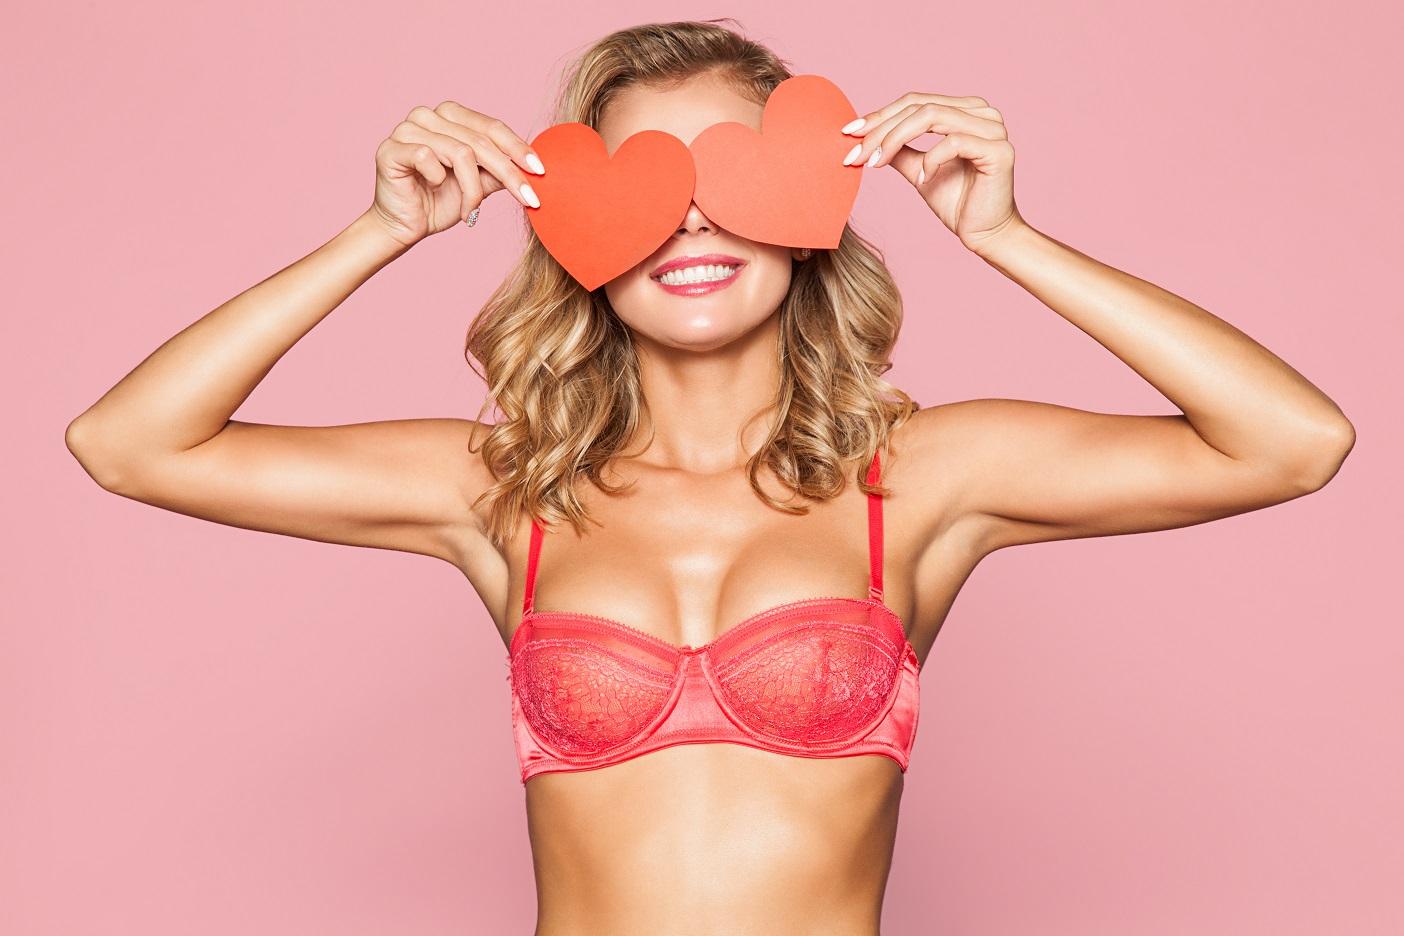 Lingerie sensuelle : laquelle porter pour la Saint-Valentin ? 1